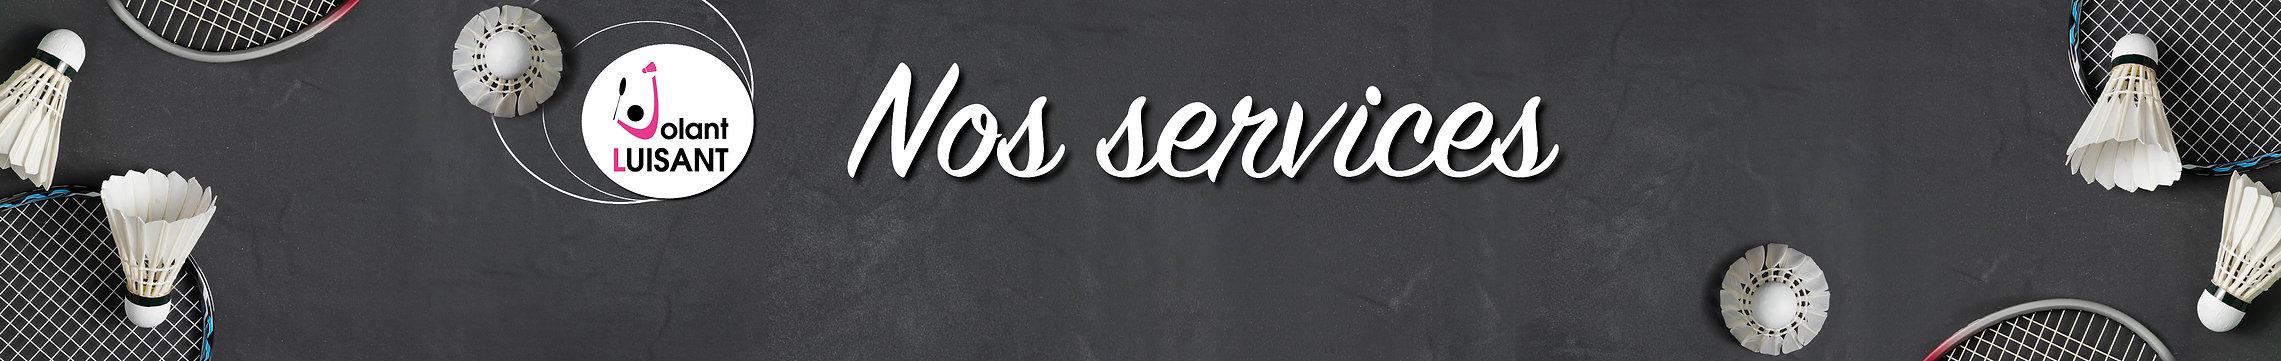 nos services banniere avec logo.jpg